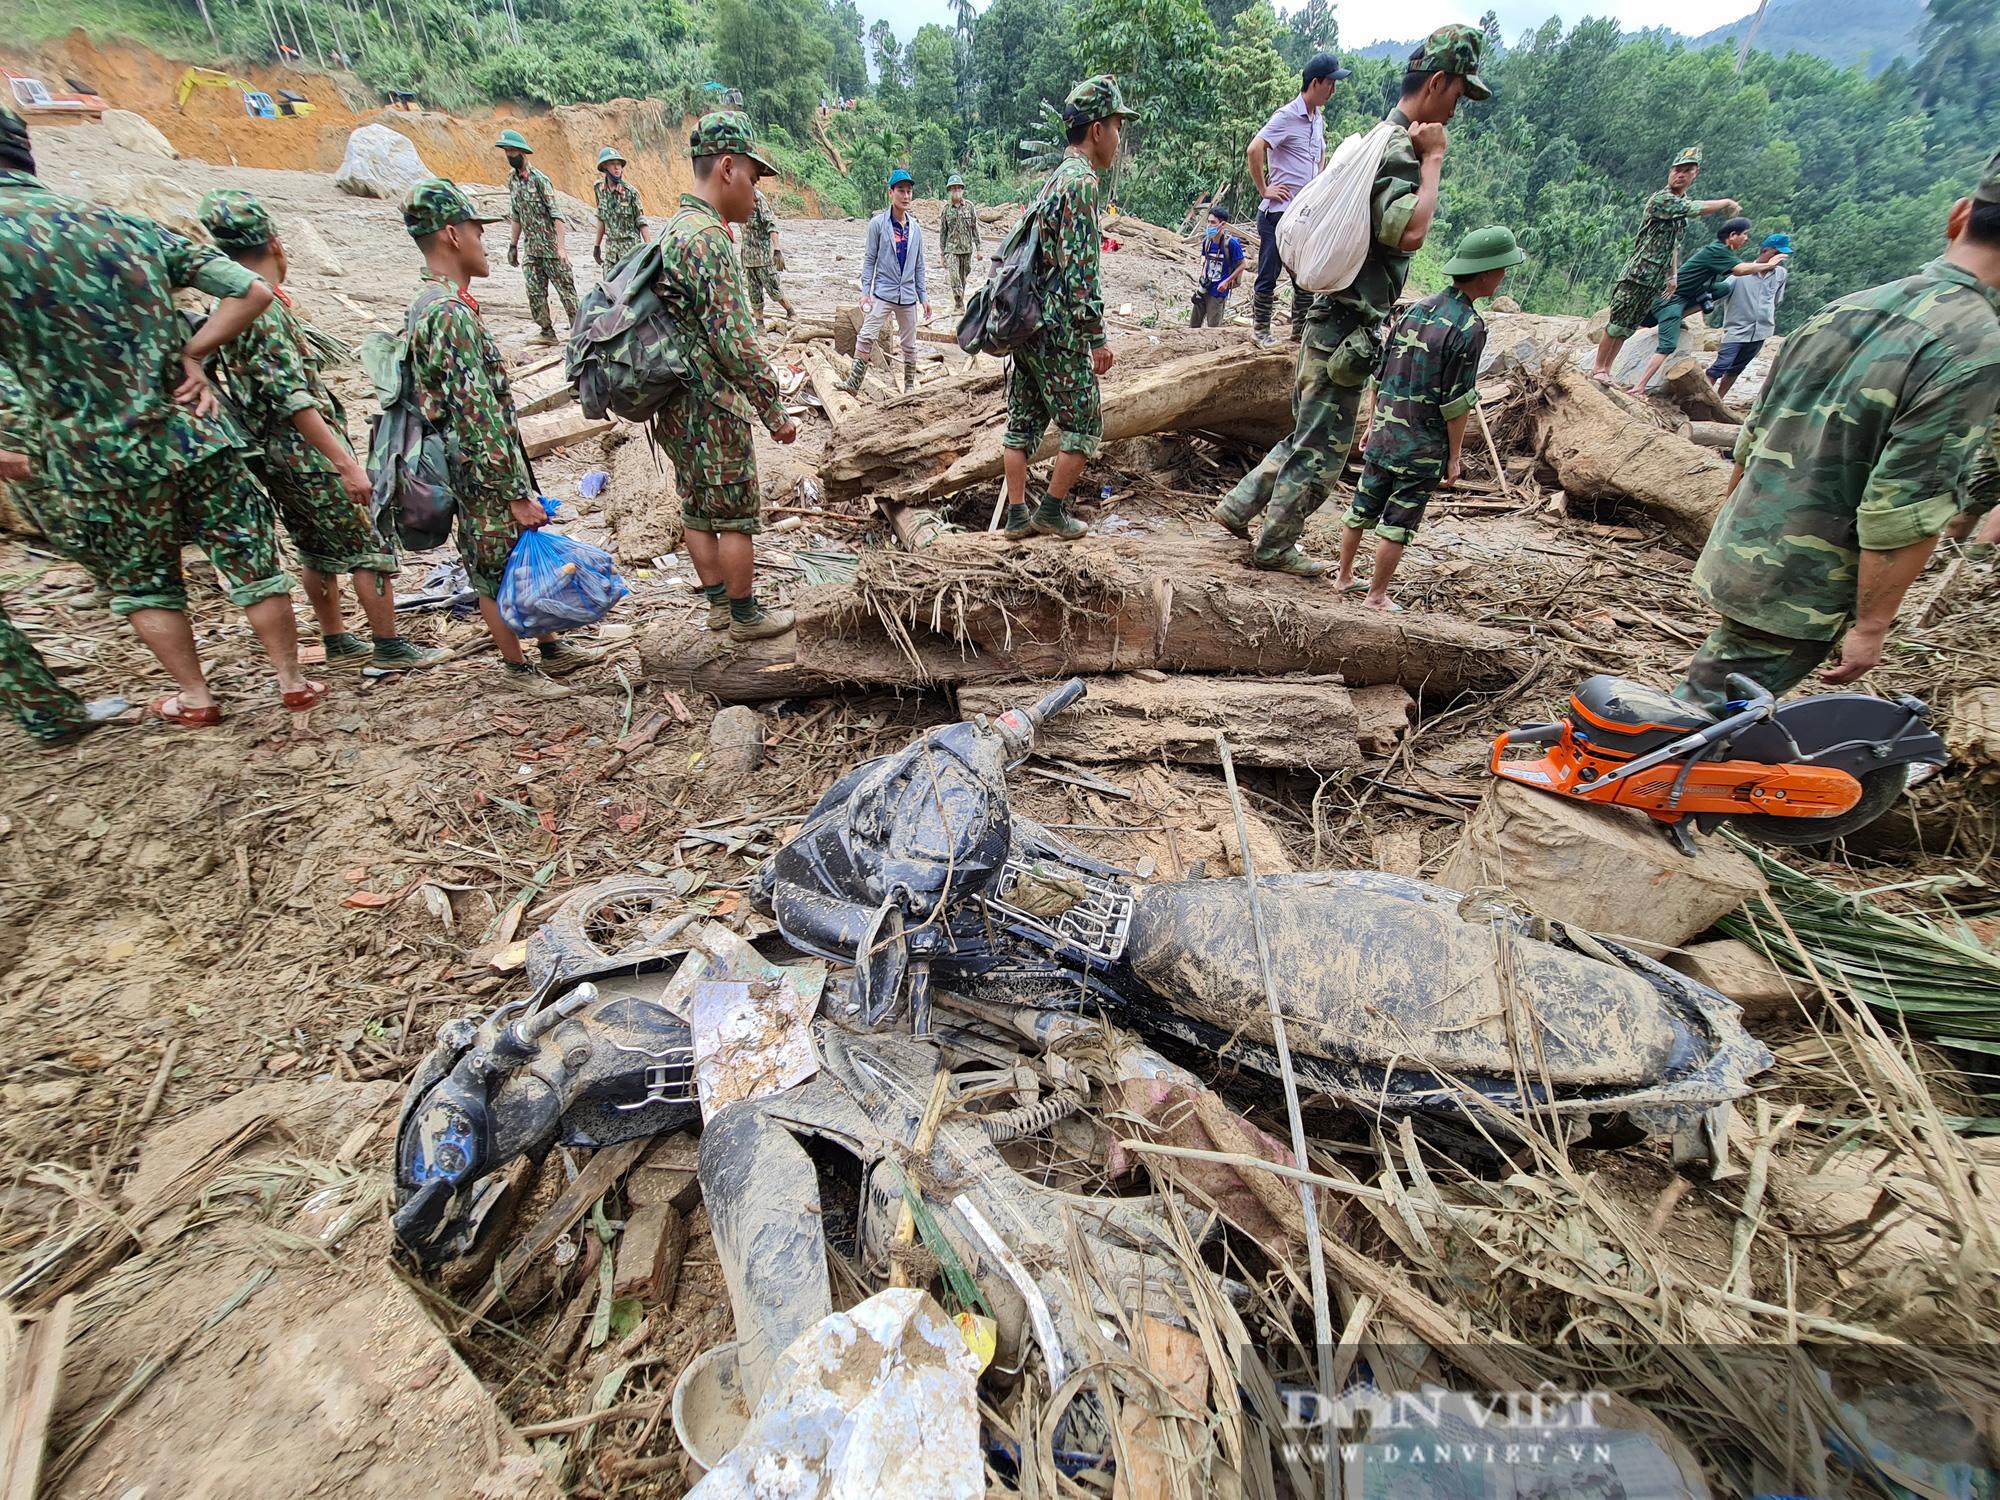 Sạt lở nghiên trọng ở Quảng Nam: Đẫm nước mắt nhìn cảnh tan nát ngôi làng Trà Leng - Ảnh 6.